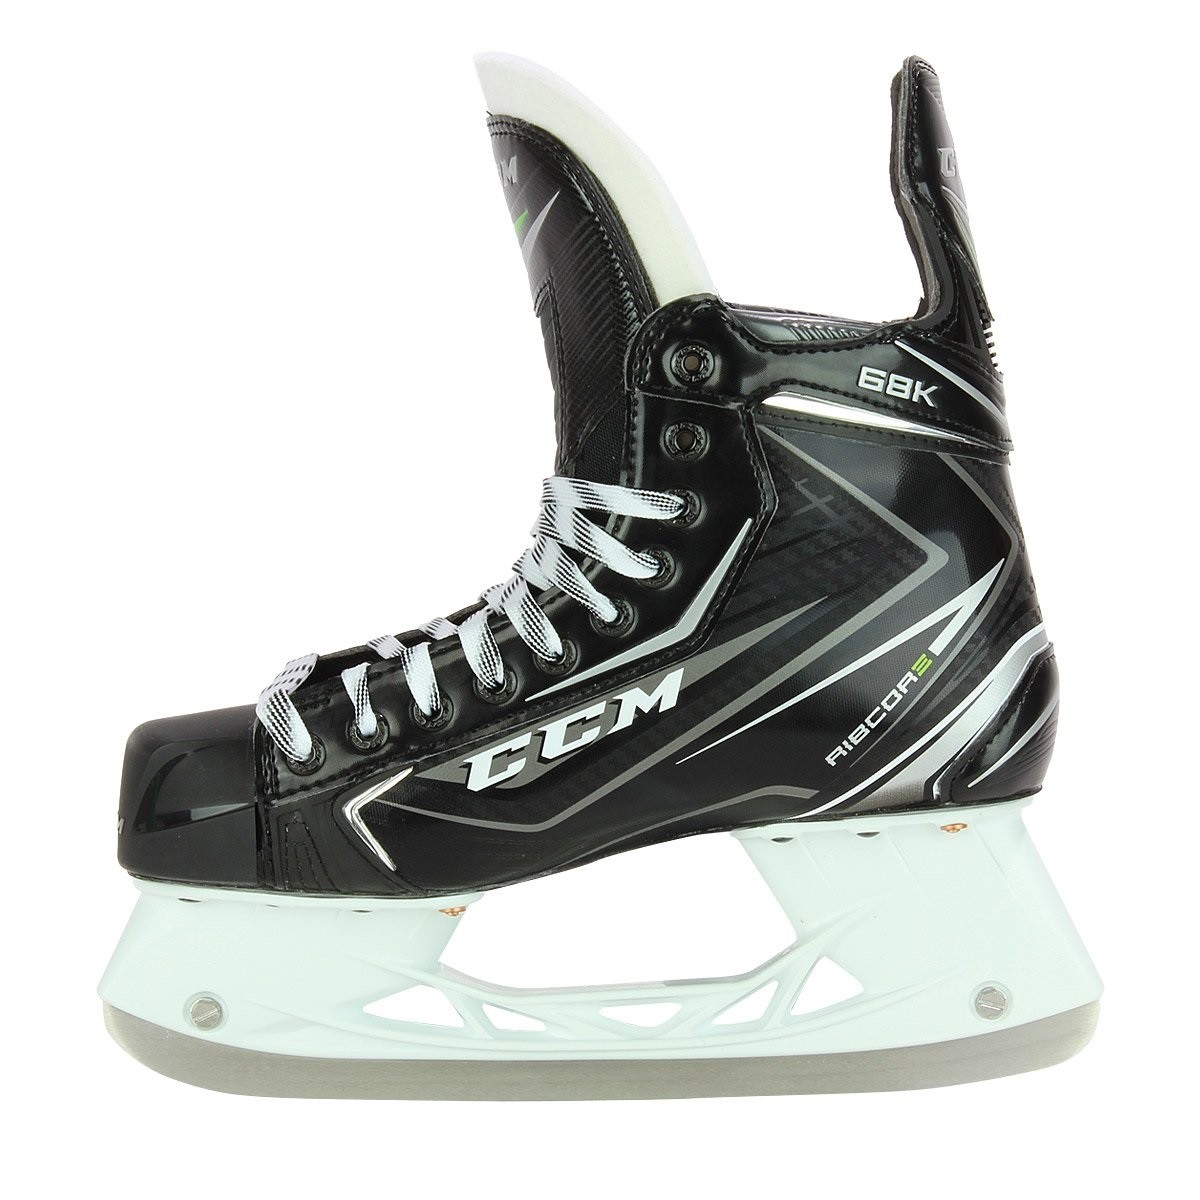 SPORTSTAPE Standart Hockey Skate Laces